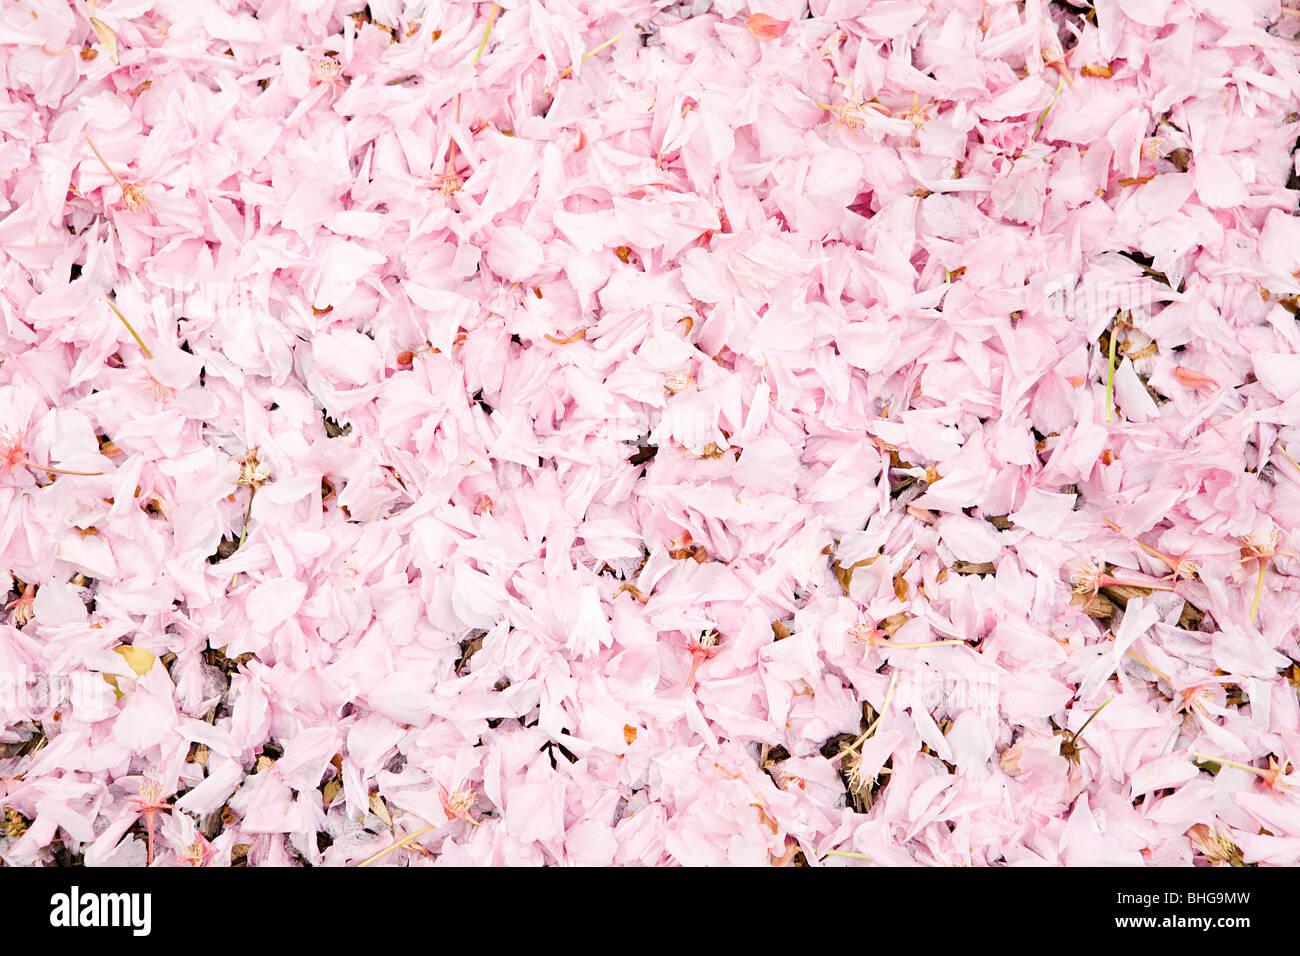 Pink petals - Stock Image